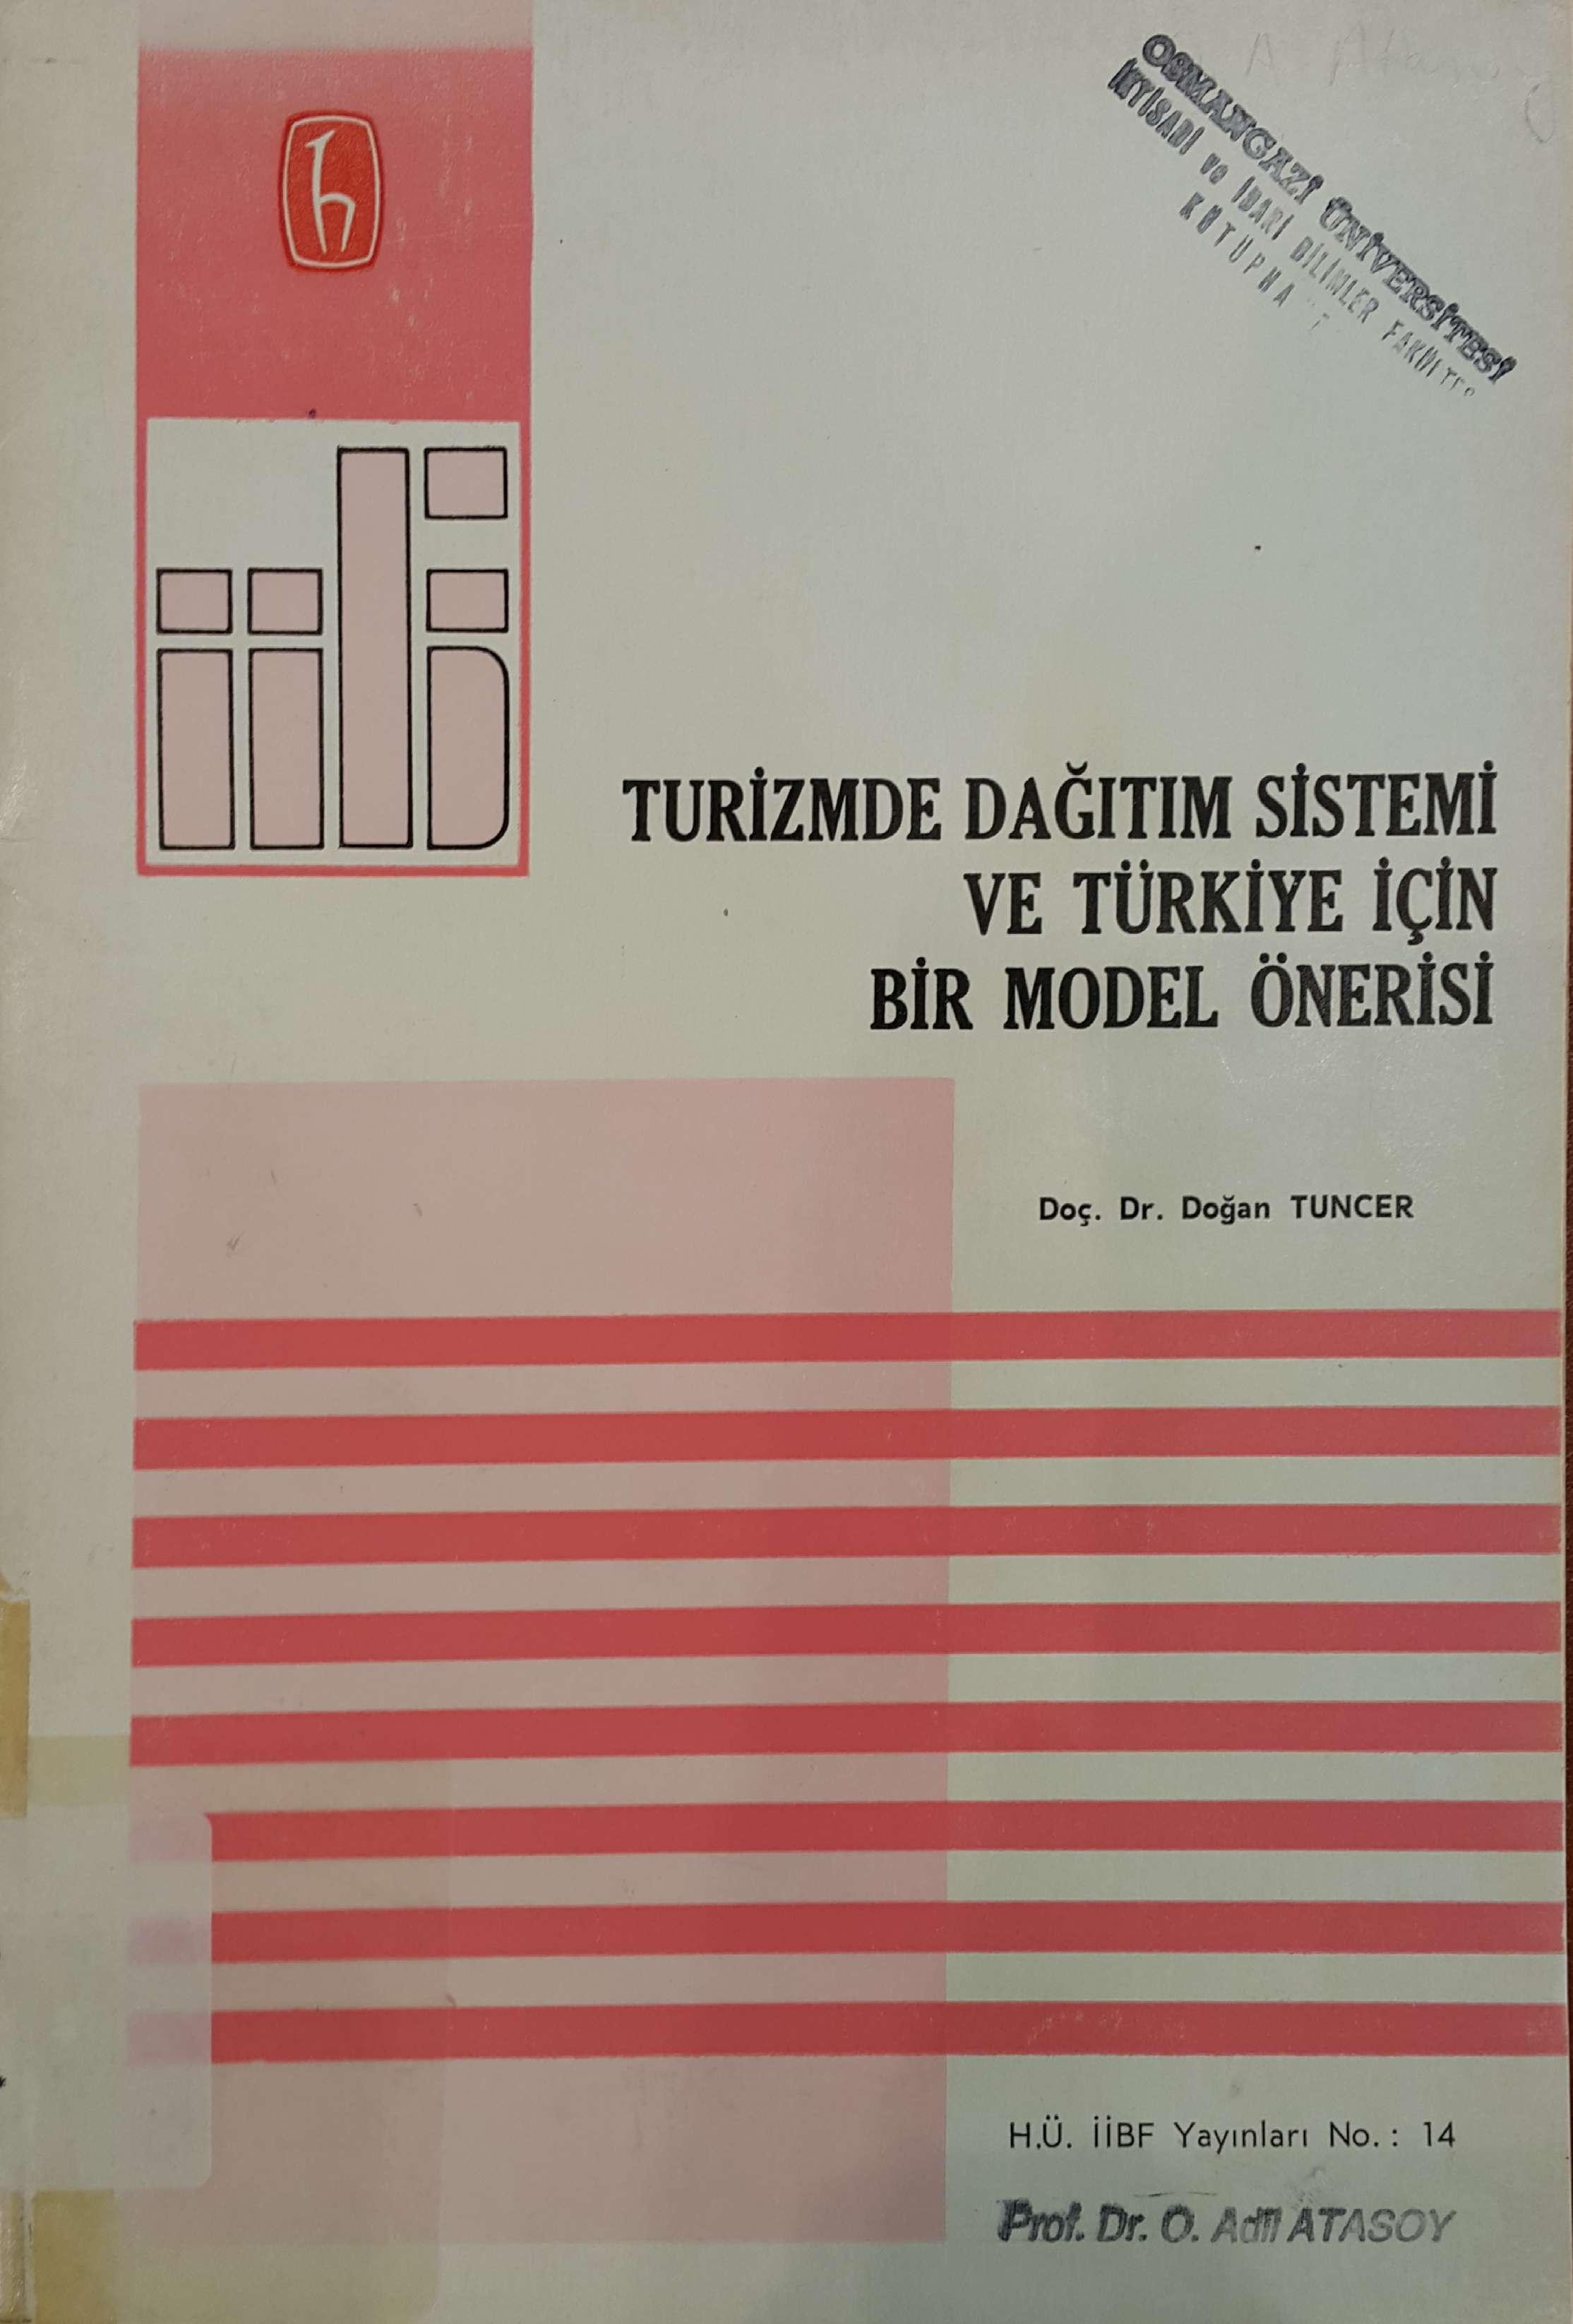 Turizmde Dağıtım Sistemi ve Türkiye İçin Bir Model Önerisi Kitap Kapağı